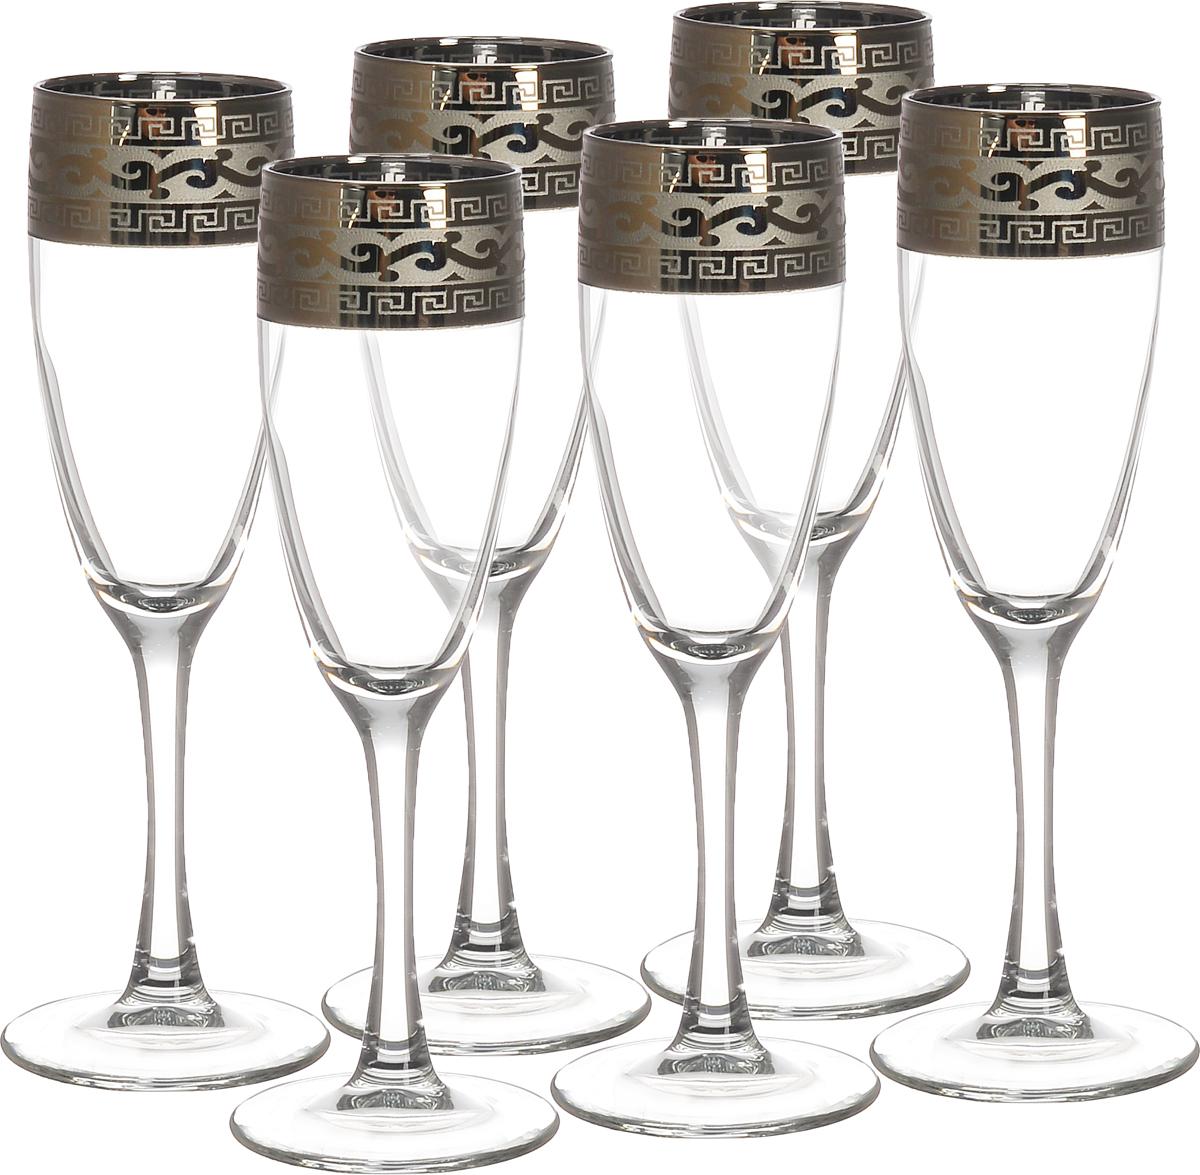 Набор бокалов Гусь-Хрустальный Версаче, 170 мл, 6 штVT-1520(SR)Набор Гусь-Хрустальный Версаче состоит из 6 бокалов на длинных тонких ножках, изготовленных из высококачественного натрий-кальций-силикатного стекла. Изделия оформлены орнаментом. Бокалы предназначены для шампанского или вина. Такой набор прекрасно дополнит праздничный стол и станет желанным подарком в любом доме. Разрешается мыть в посудомоечной машине. Диаметр бокала (по верхнему краю): 5 см. Высота бокала: 20 см.